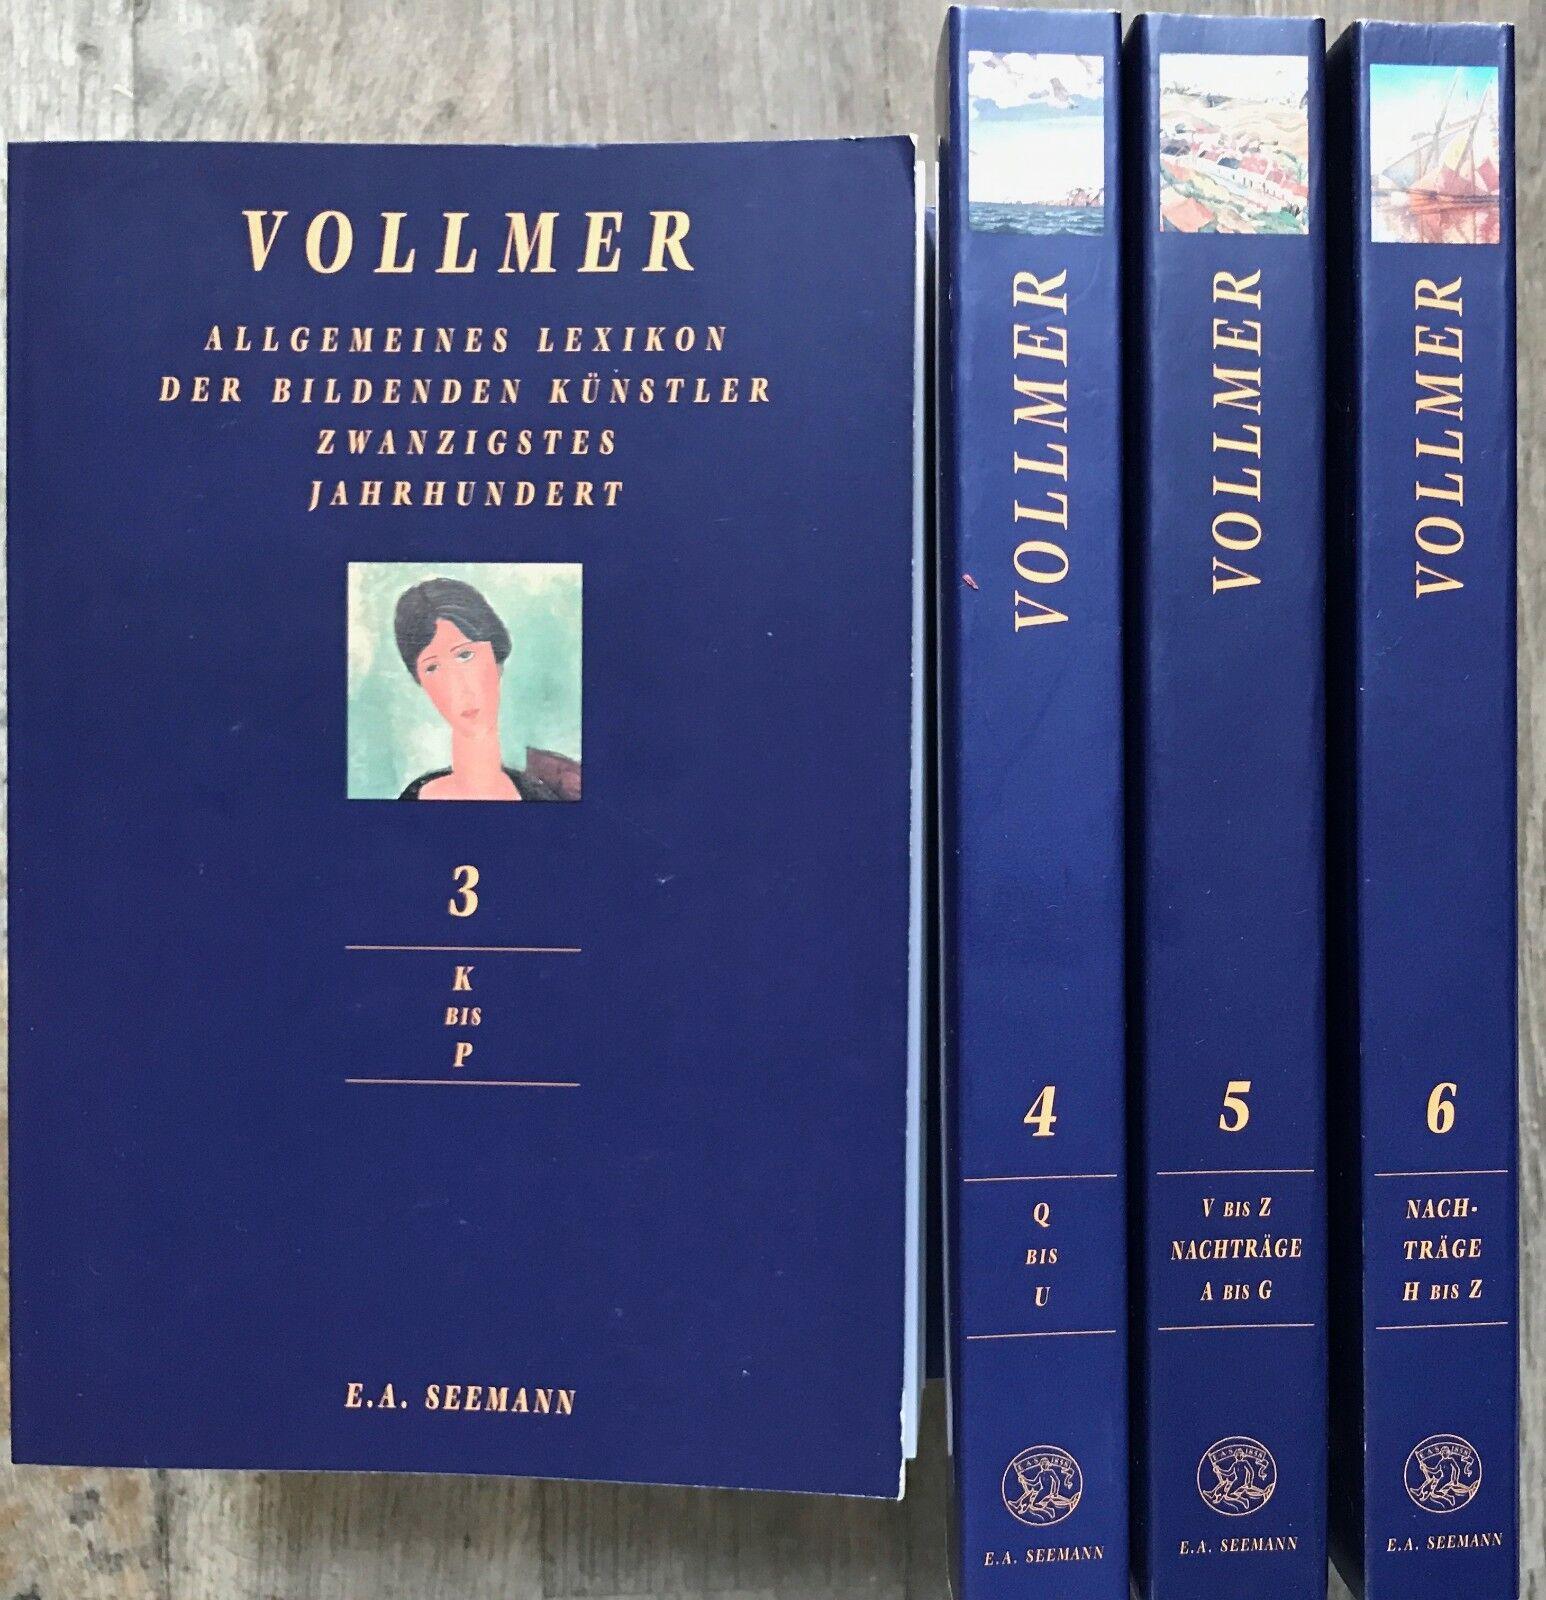 Vollmer Kunstlexikon, Kunst, Nachschlagewerke Kunst, Kunst 20. Jahrhundert.